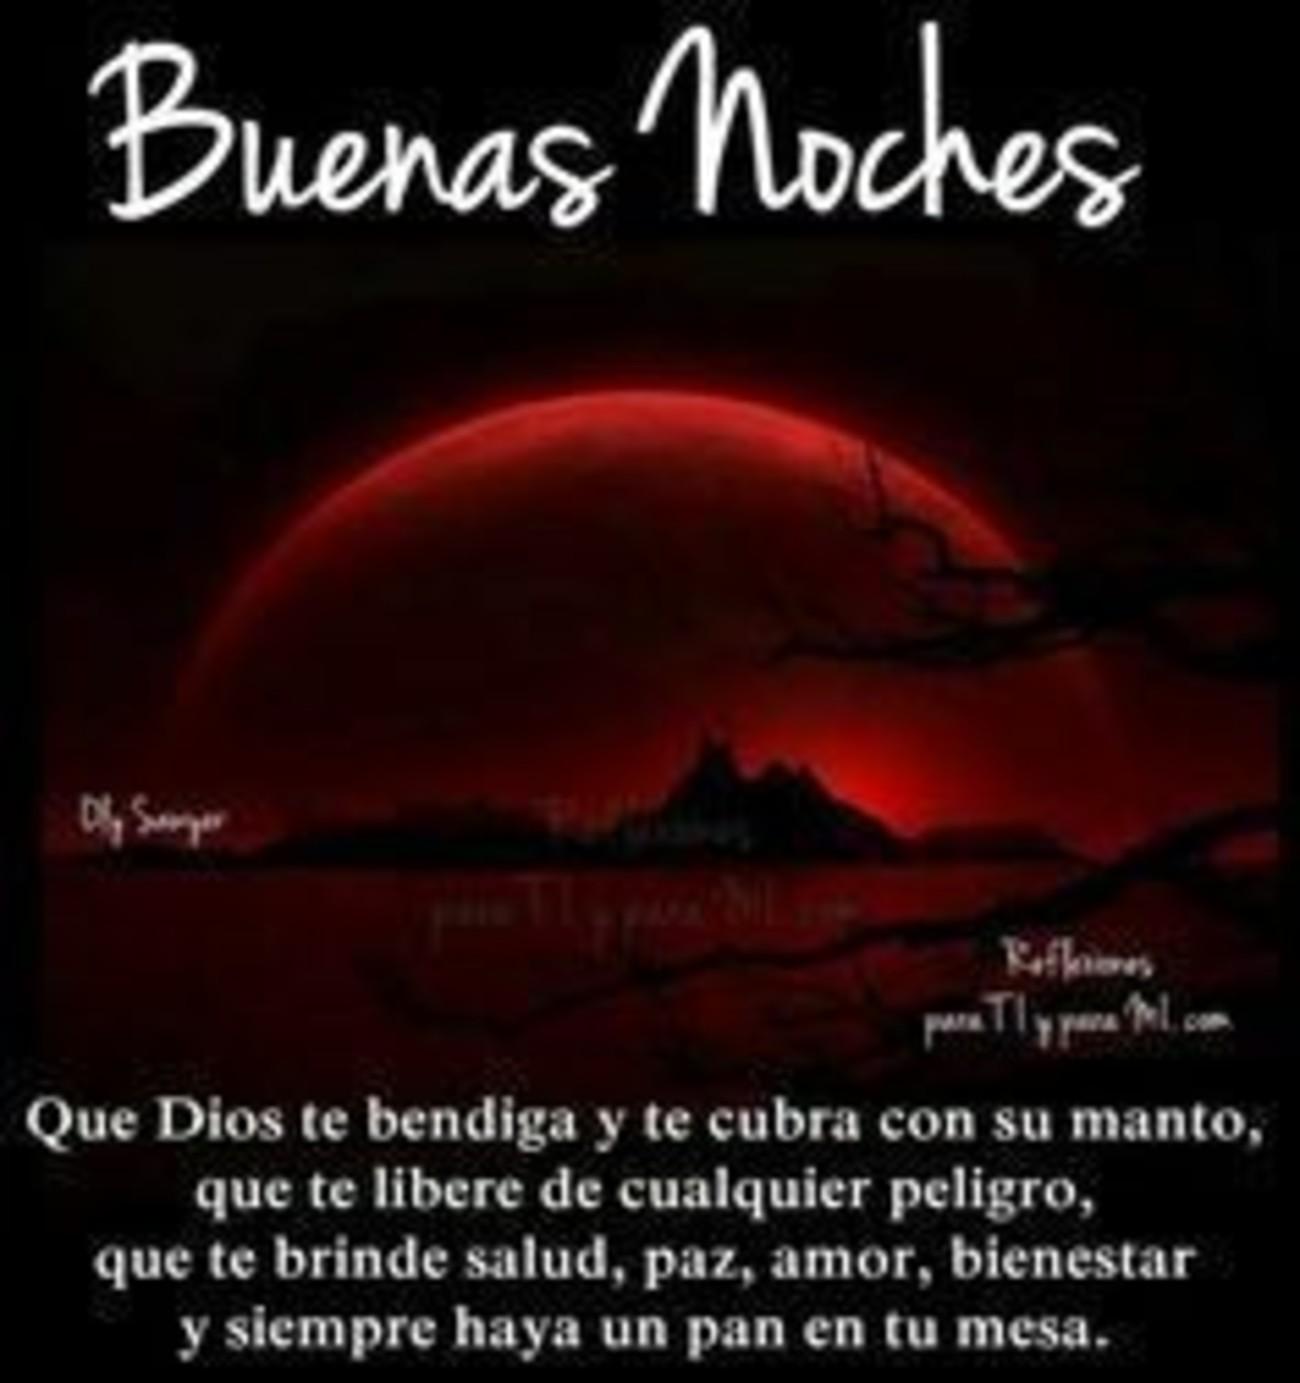 Imagenes De Buenas Noches Frases Bonitas 977